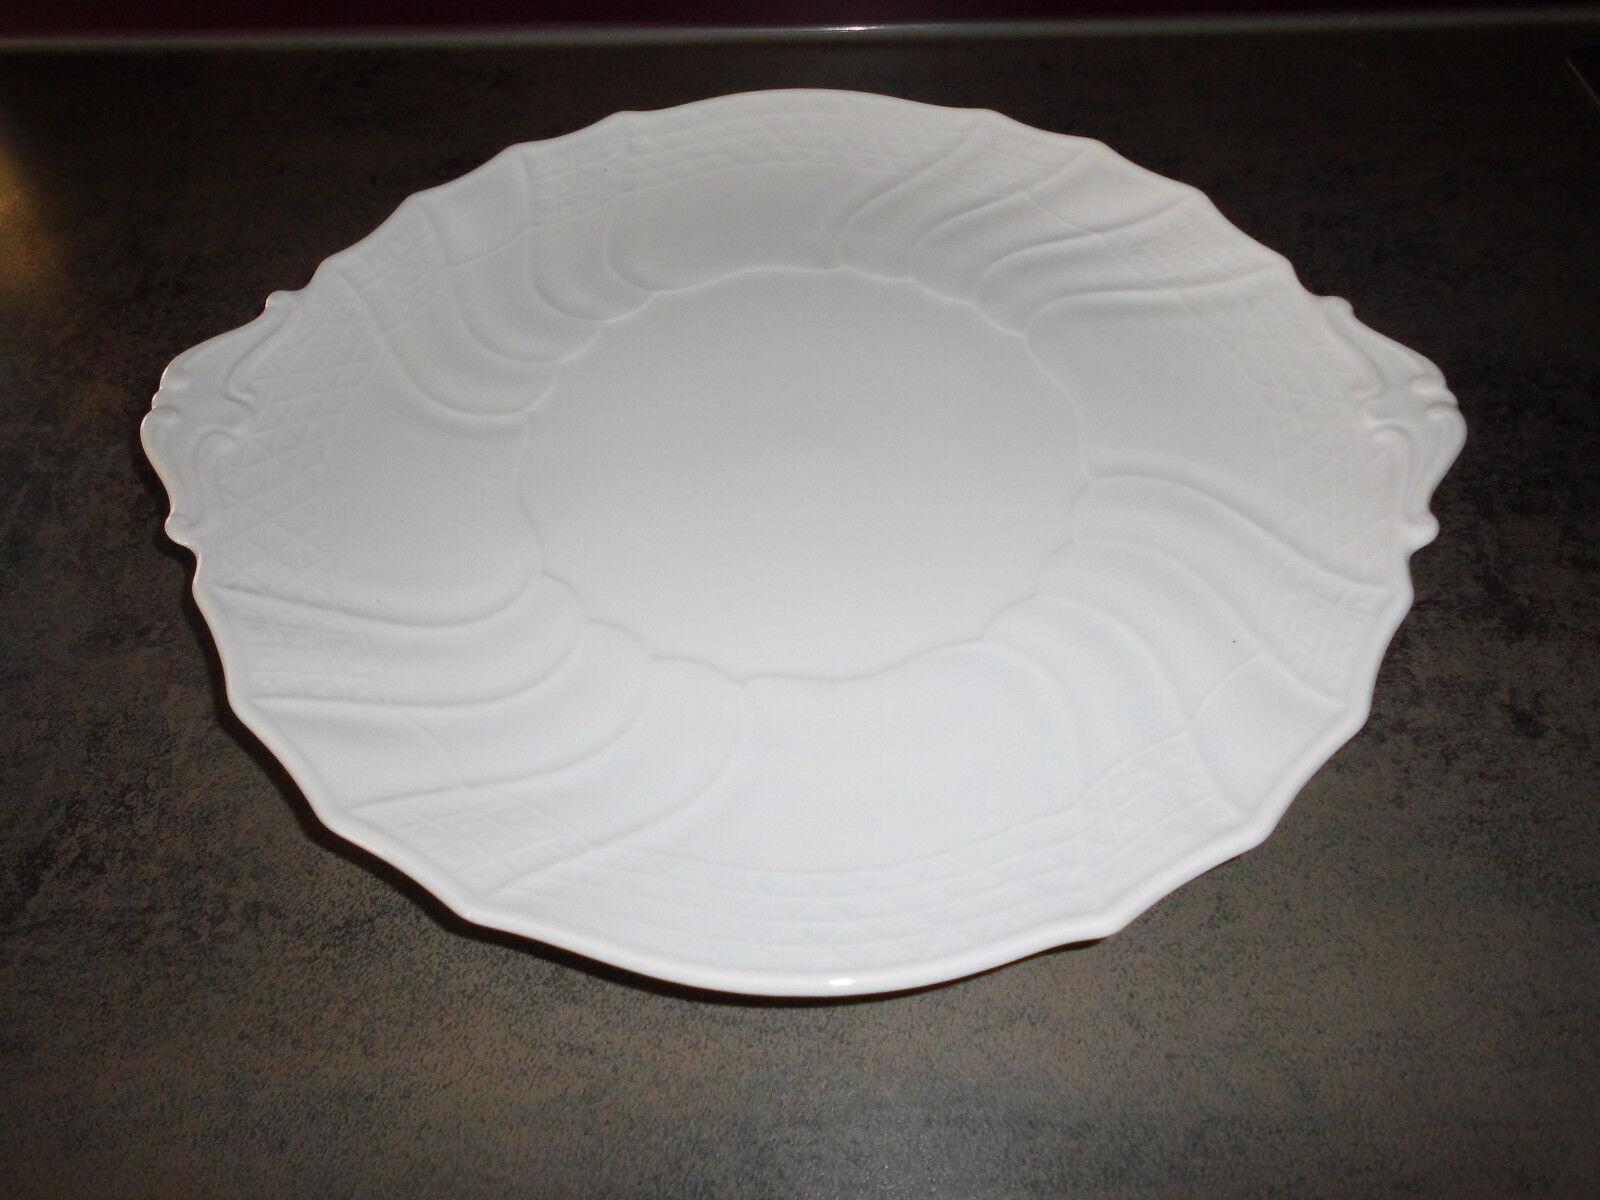 Hutschenreuther Dresden weiß 1 Kuchenplatte mit Handhaben  30  cm neuwertig   Reichlich Und Pünktliche Lieferung